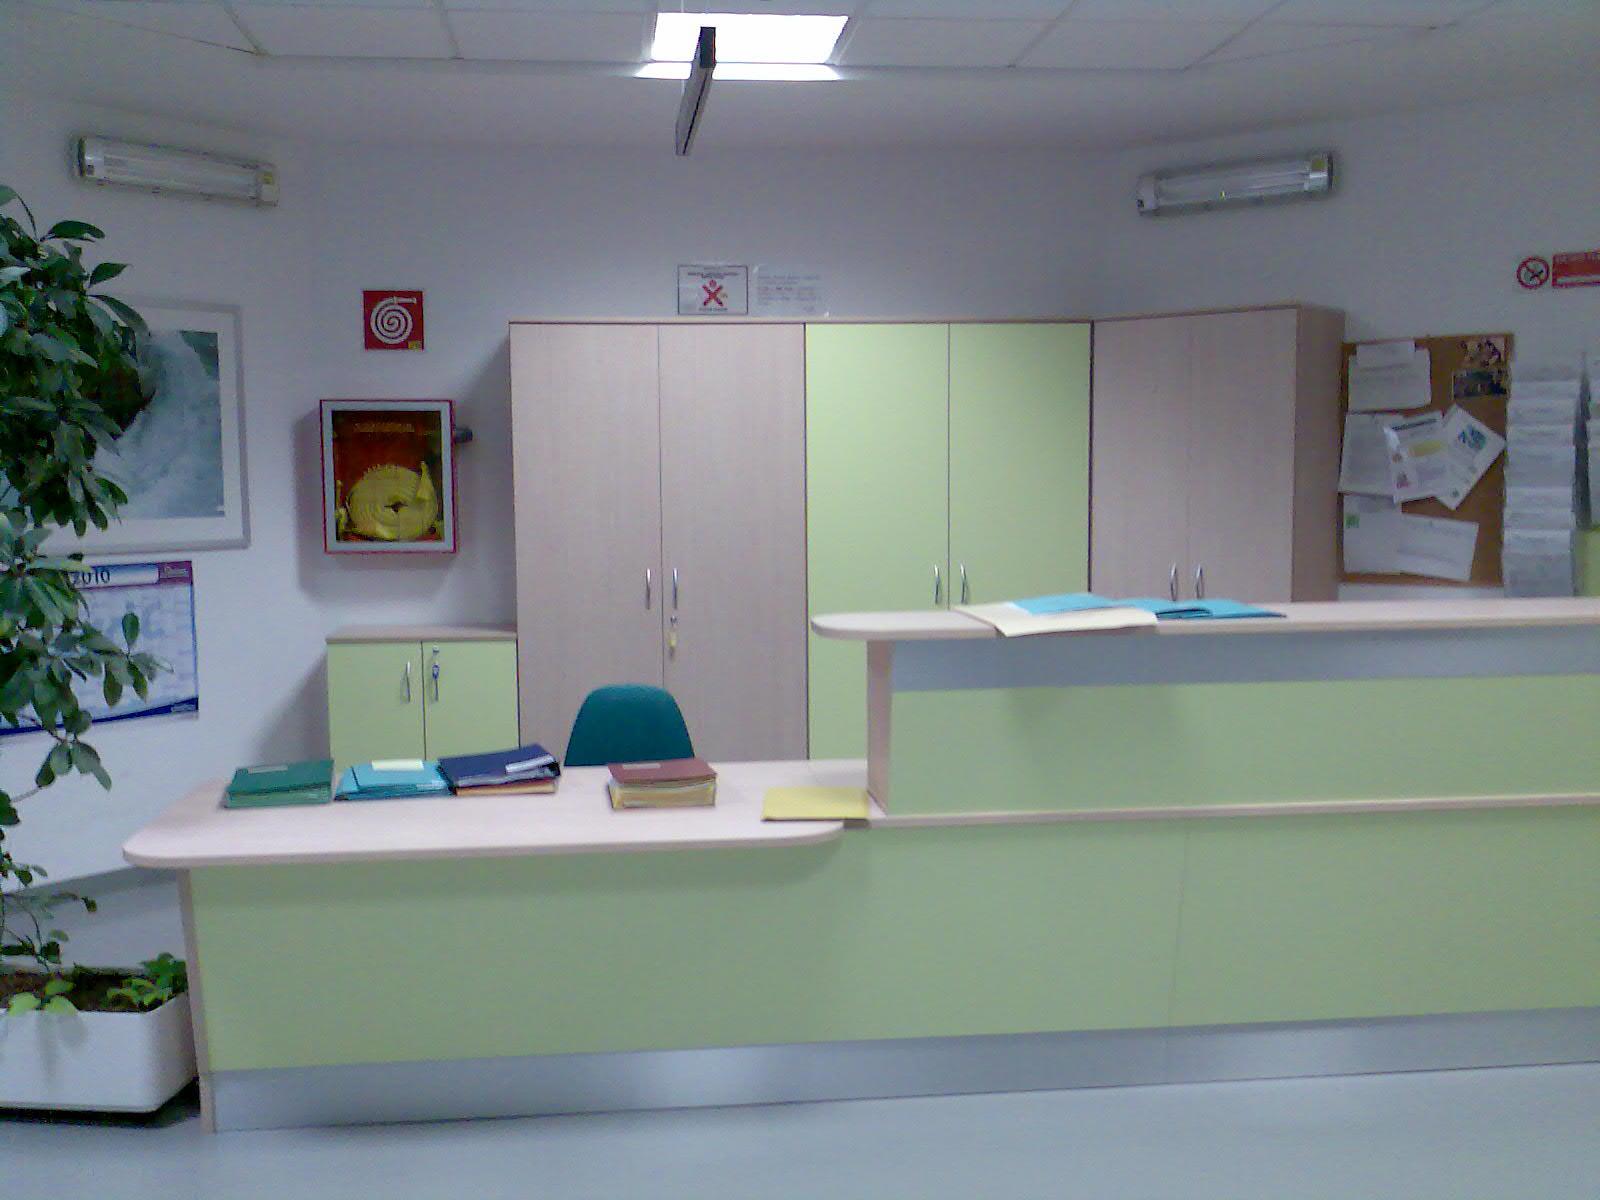 Accettazione Ospedale Montecatone Imola